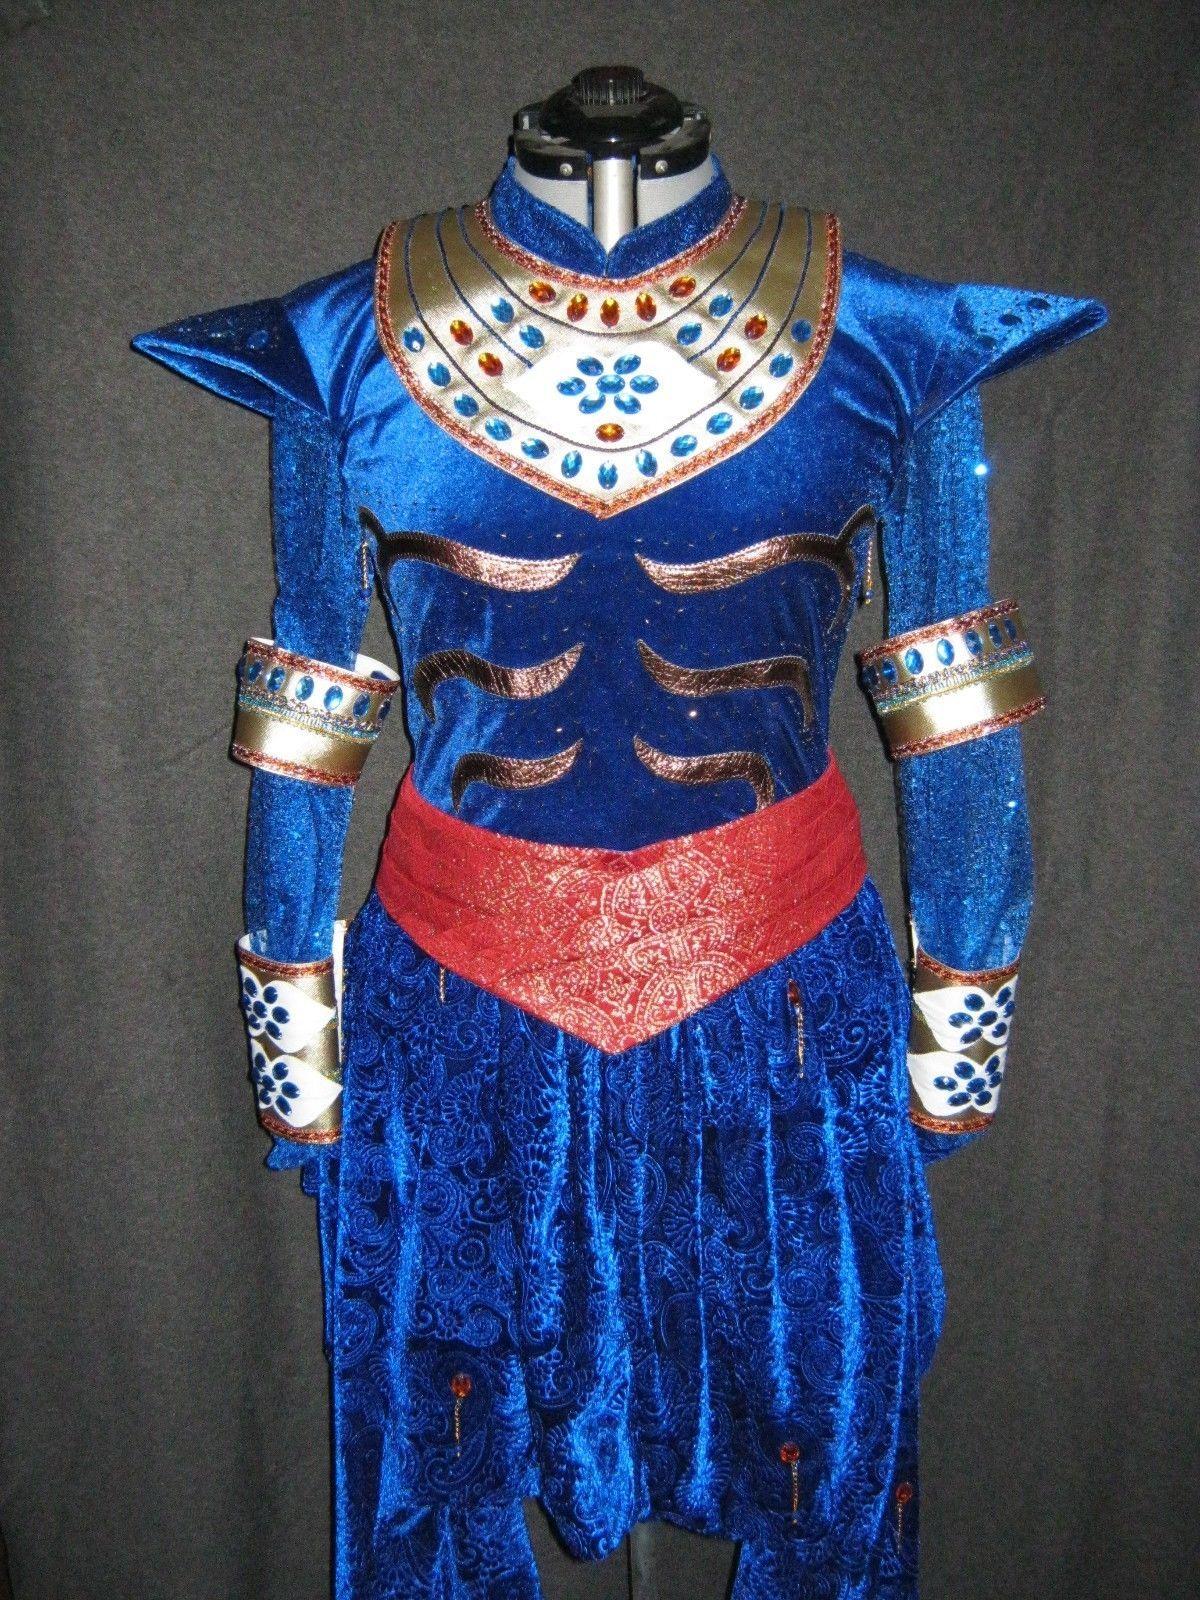 Disney Aladdin Genie Fancy Dress Costume